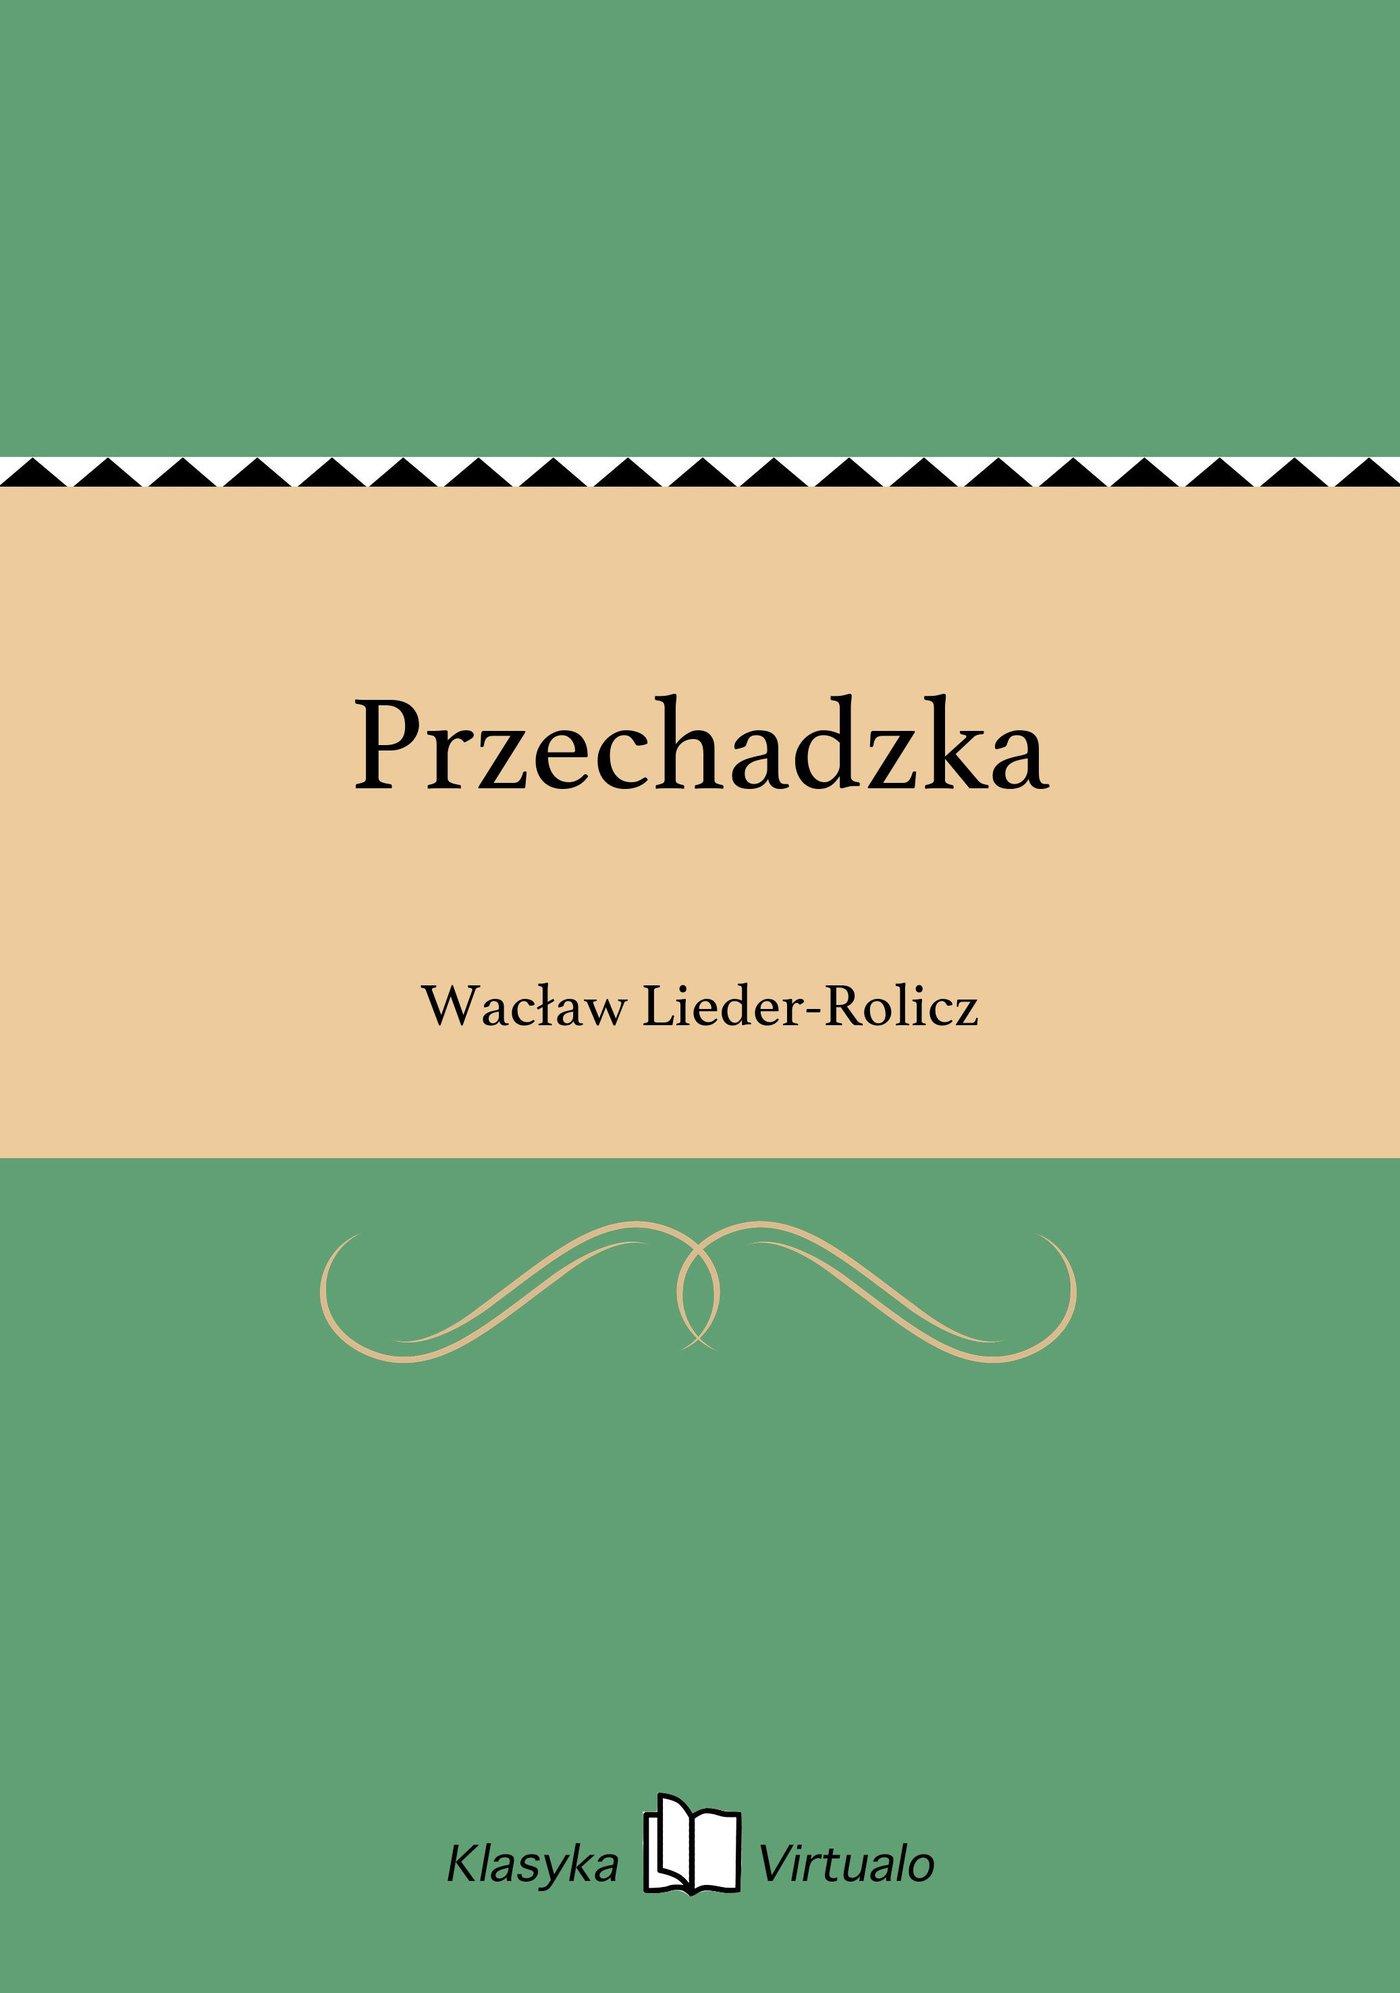 Przechadzka - Ebook (Książka EPUB) do pobrania w formacie EPUB